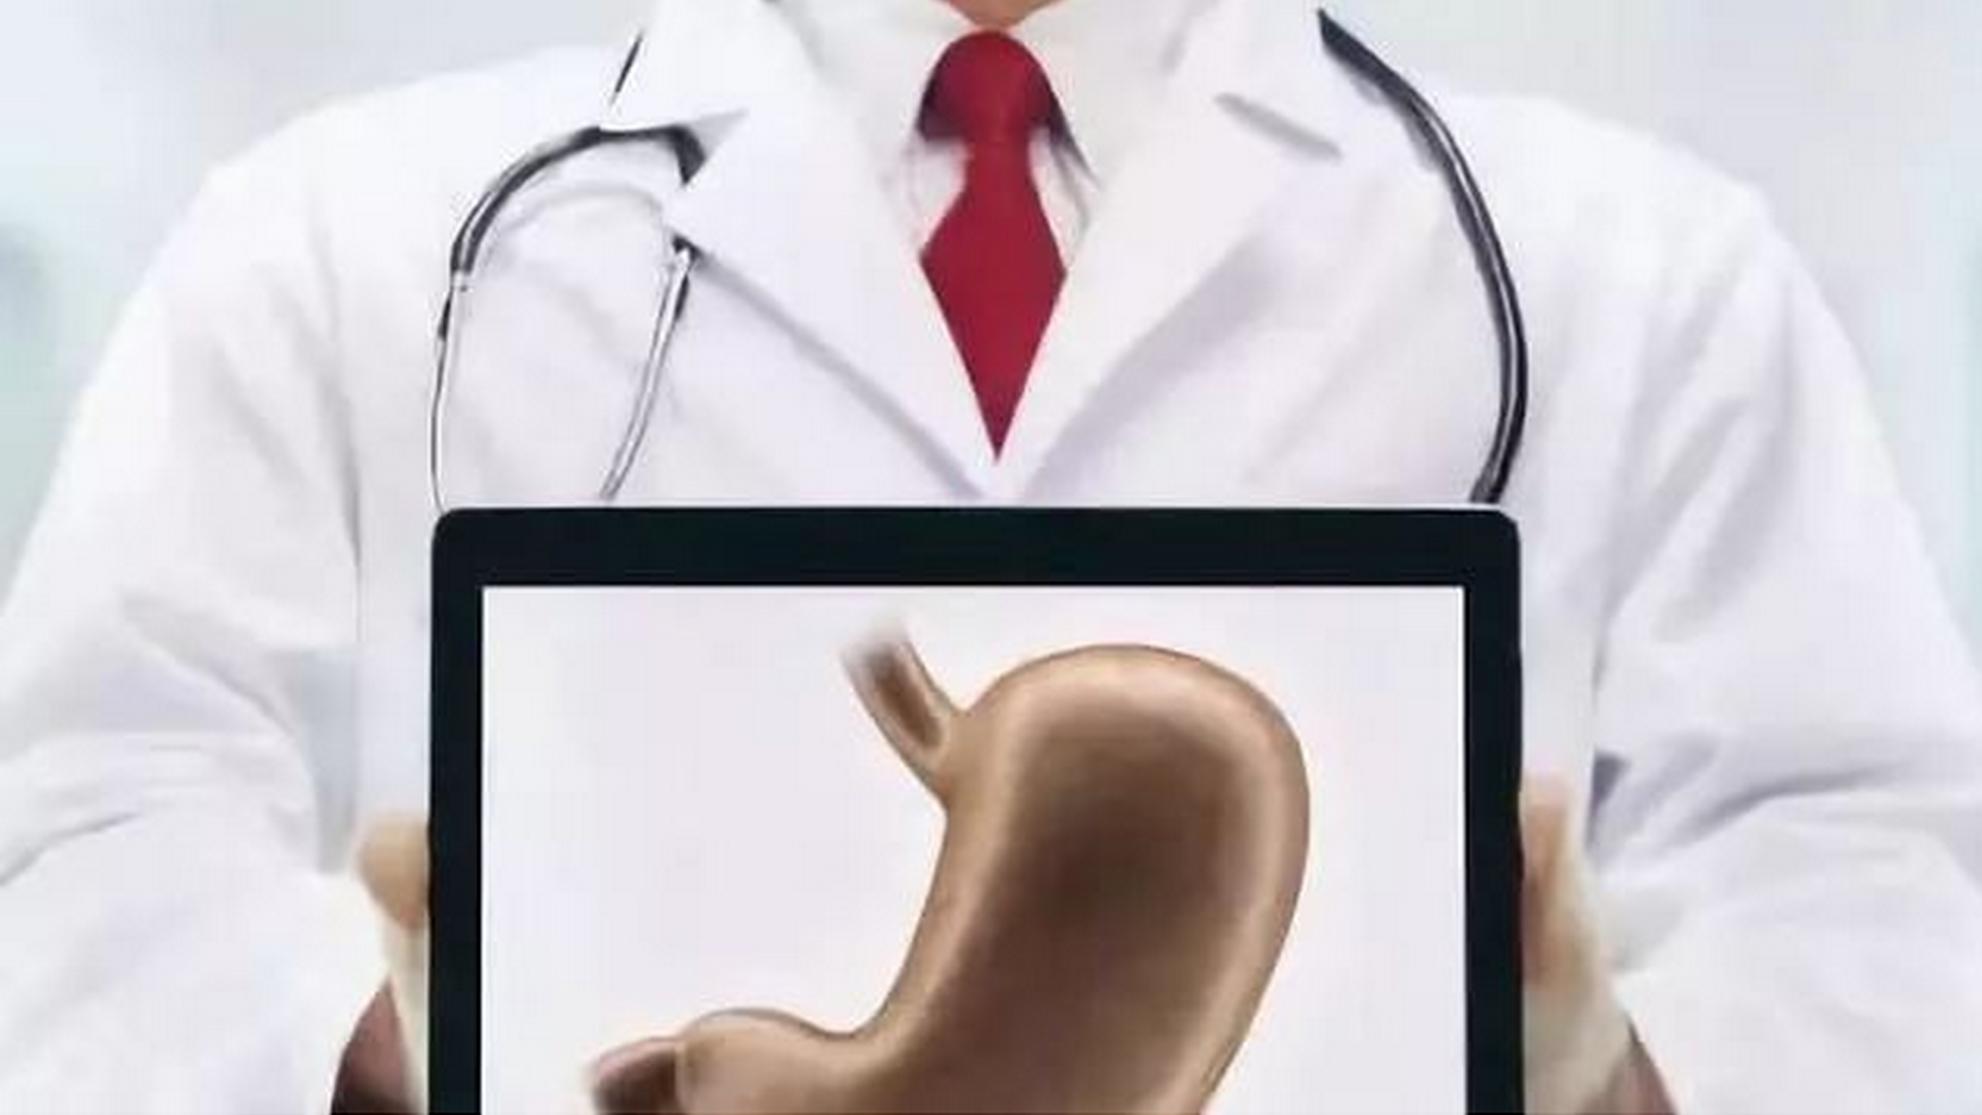 八月肠道传染病高发 西安市疾控中心发布健康信息提示